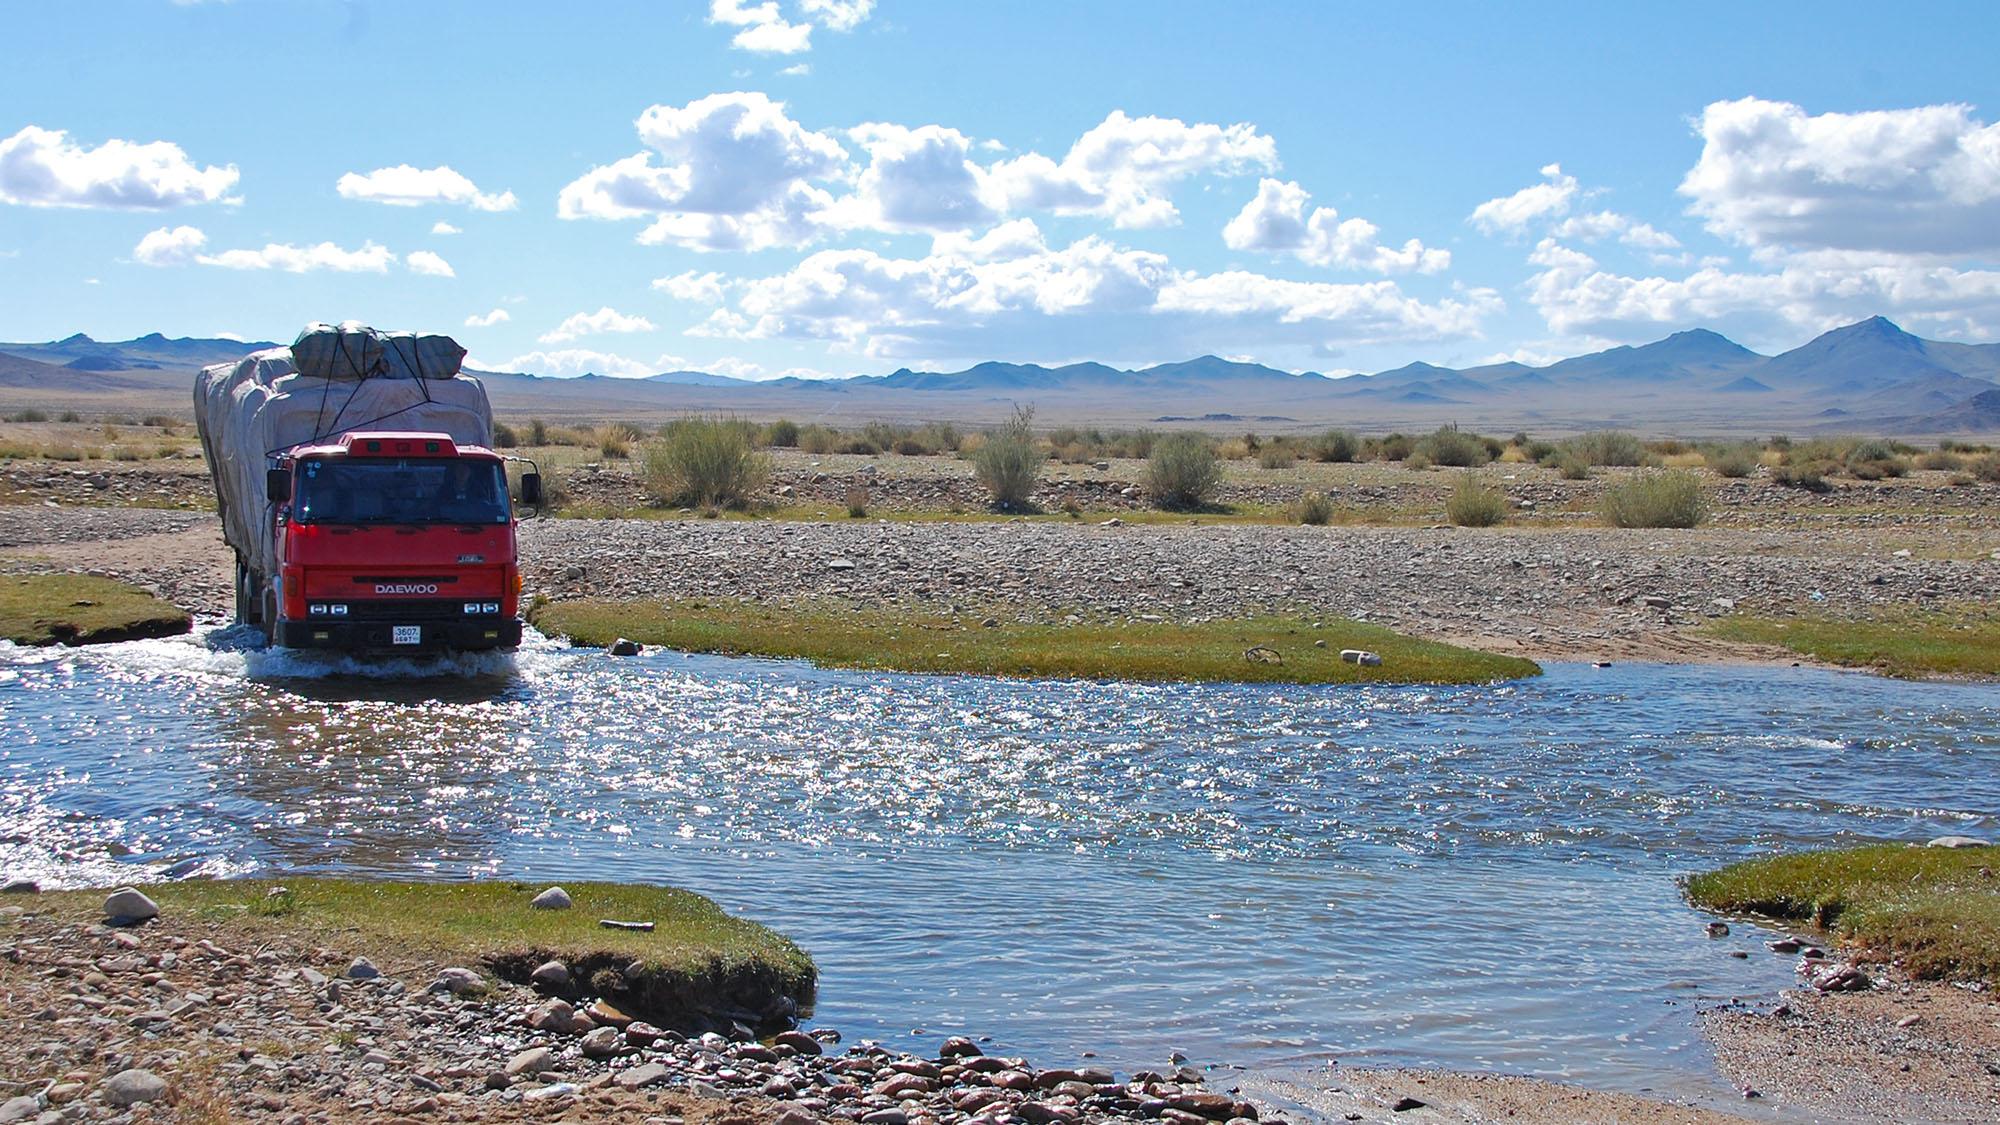 Den enkleste måten å finne dybde på - vente på en lastebil. De ga oss ofte tommel opp eller tommel ned om vi skulle prøve eller ikke. Og innimellom ble vi tipset om at det fantes en bro i nærheten.